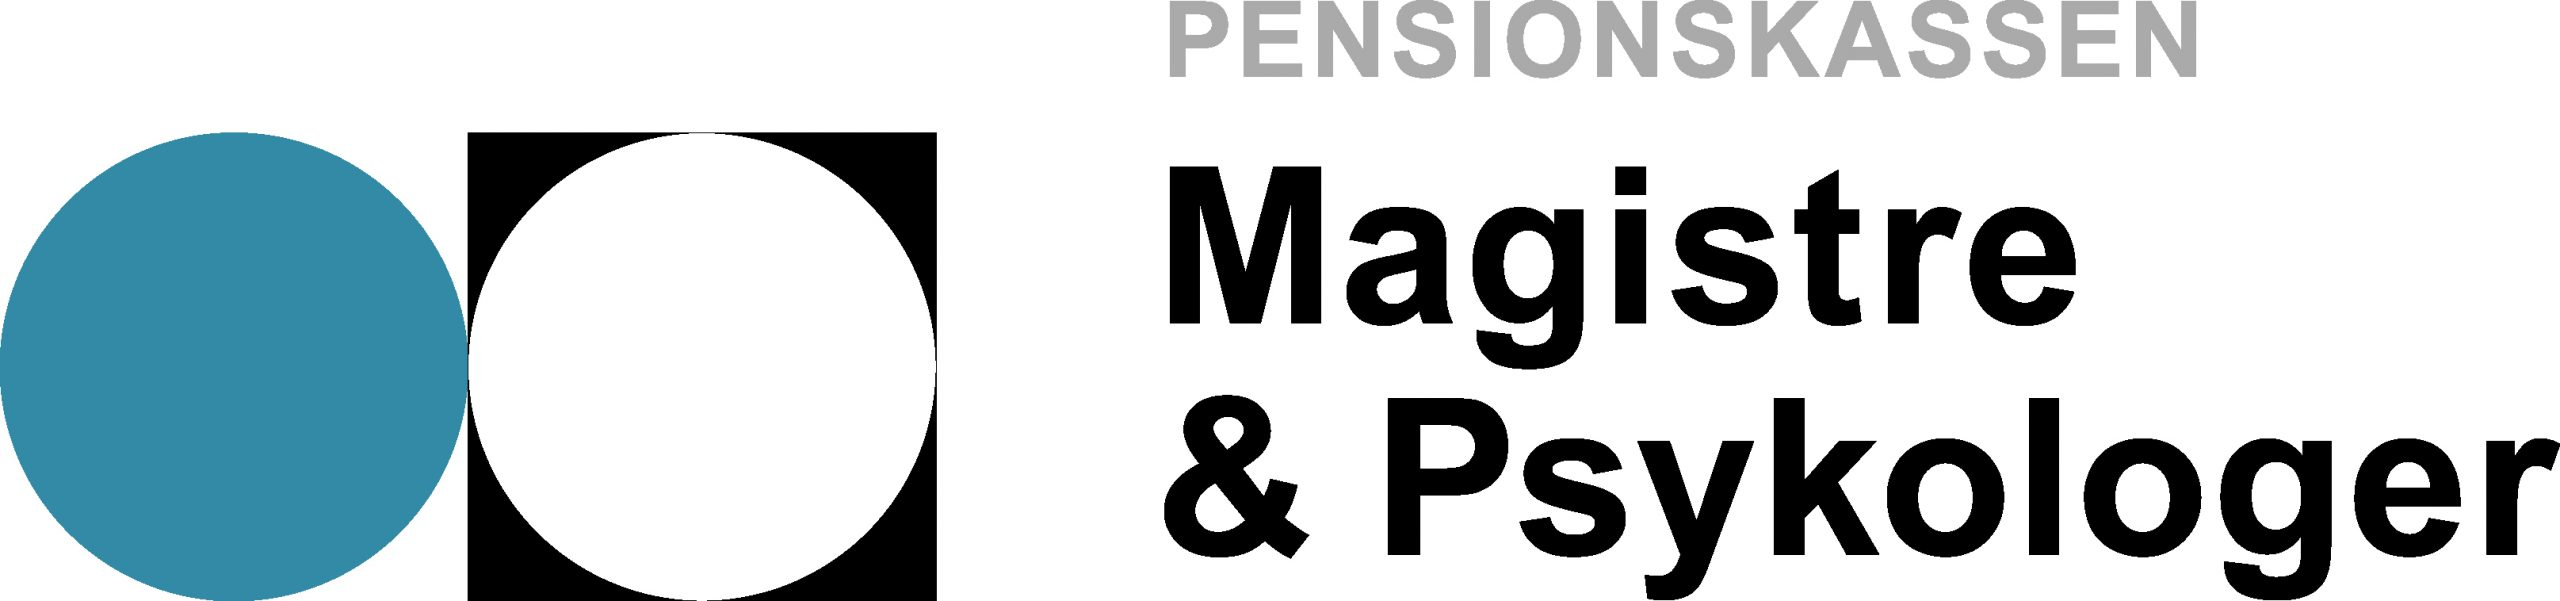 MP Pension